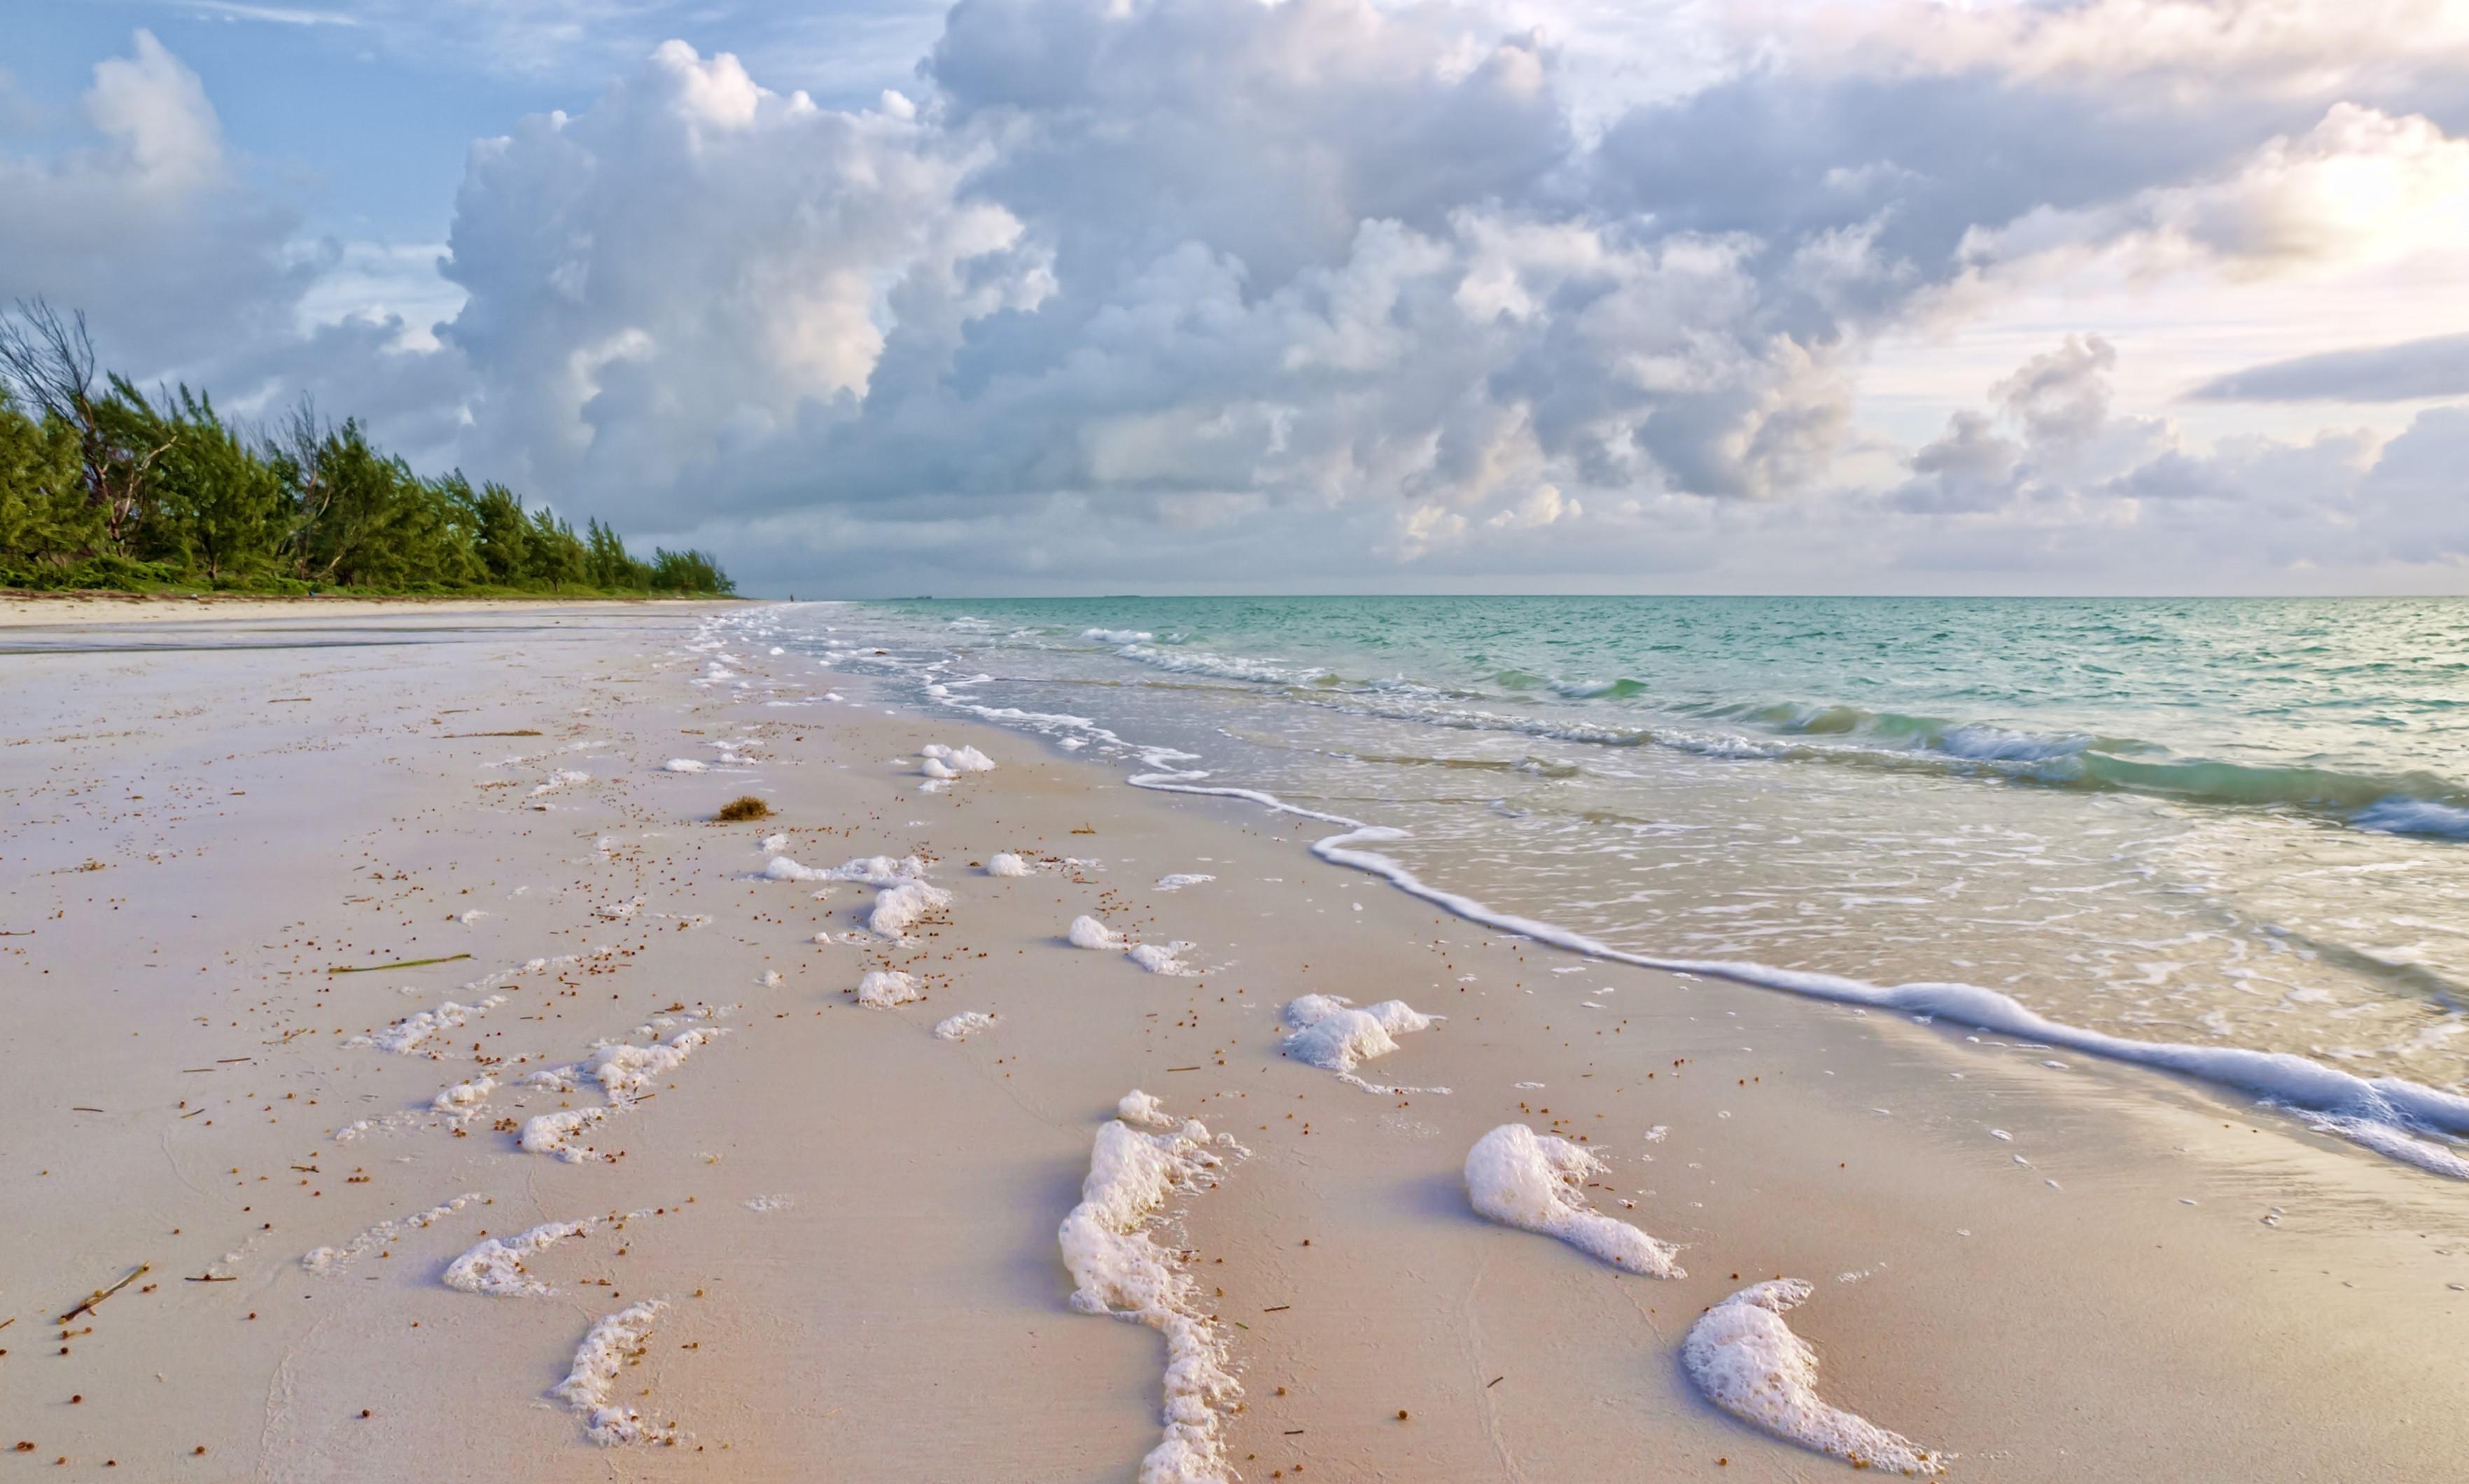 84856 скачать обои Природа, Пена, Море, Песок, Мокрый, Облака, Прибой, Шепот - заставки и картинки бесплатно